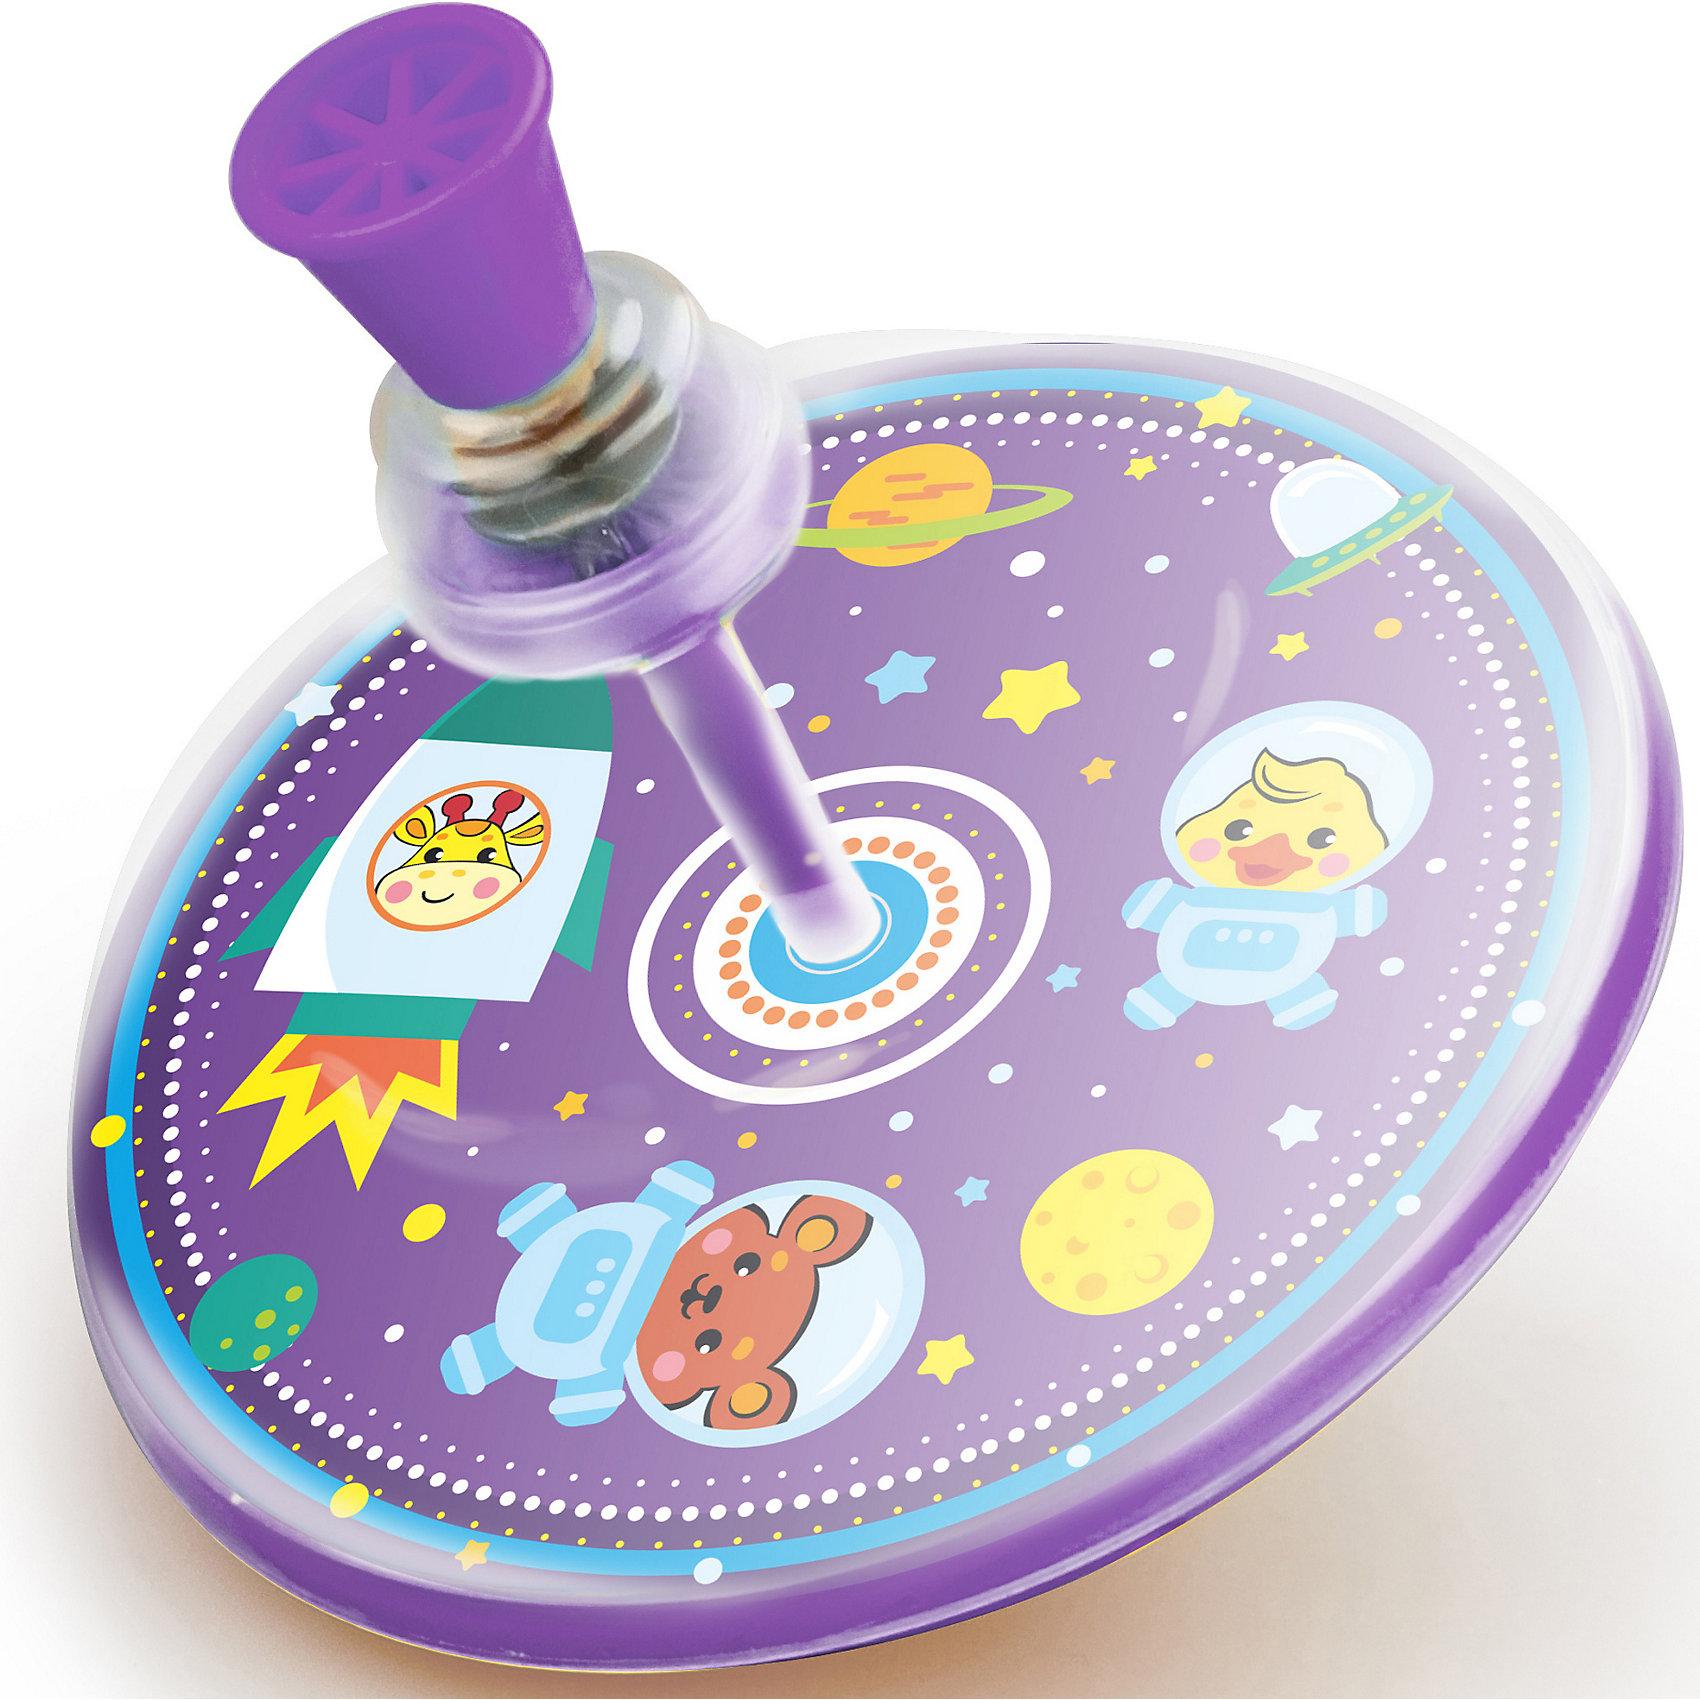 Юла Жирафики КосмосЮлы<br>Характеристики:<br><br>• яркая картинка:<br>• материал: пластик;<br>• диаметр: 15 см;<br>• возраст: от 12 месяцев;<br>• размер упаковки: 15х15х15 см;<br>• вес: 60 грамм;<br>• страна бренда: Россия.<br><br>Юла - одна из любимых игрушек малышей. Очень весело наблюдать, как быстро она крутится вместе с яркой картинкой.<br><br>Внутри юлы - яркое изображение различных космонавтов. При кручении юлы космонавты очень увлекательно двигаются, привлекая внимание малыша.<br><br>Игрушка изготовлена из высококачественного пластика. Диаметр юлы - 15 сантиметров.<br><br>Юлу Космос, Жирафики можно купить  в нашем интернет-магазине.<br><br>Ширина мм: 150<br>Глубина мм: 150<br>Высота мм: 150<br>Вес г: 60<br>Возраст от месяцев: 12<br>Возраст до месяцев: 2147483647<br>Пол: Унисекс<br>Возраст: Детский<br>SKU: 6885309